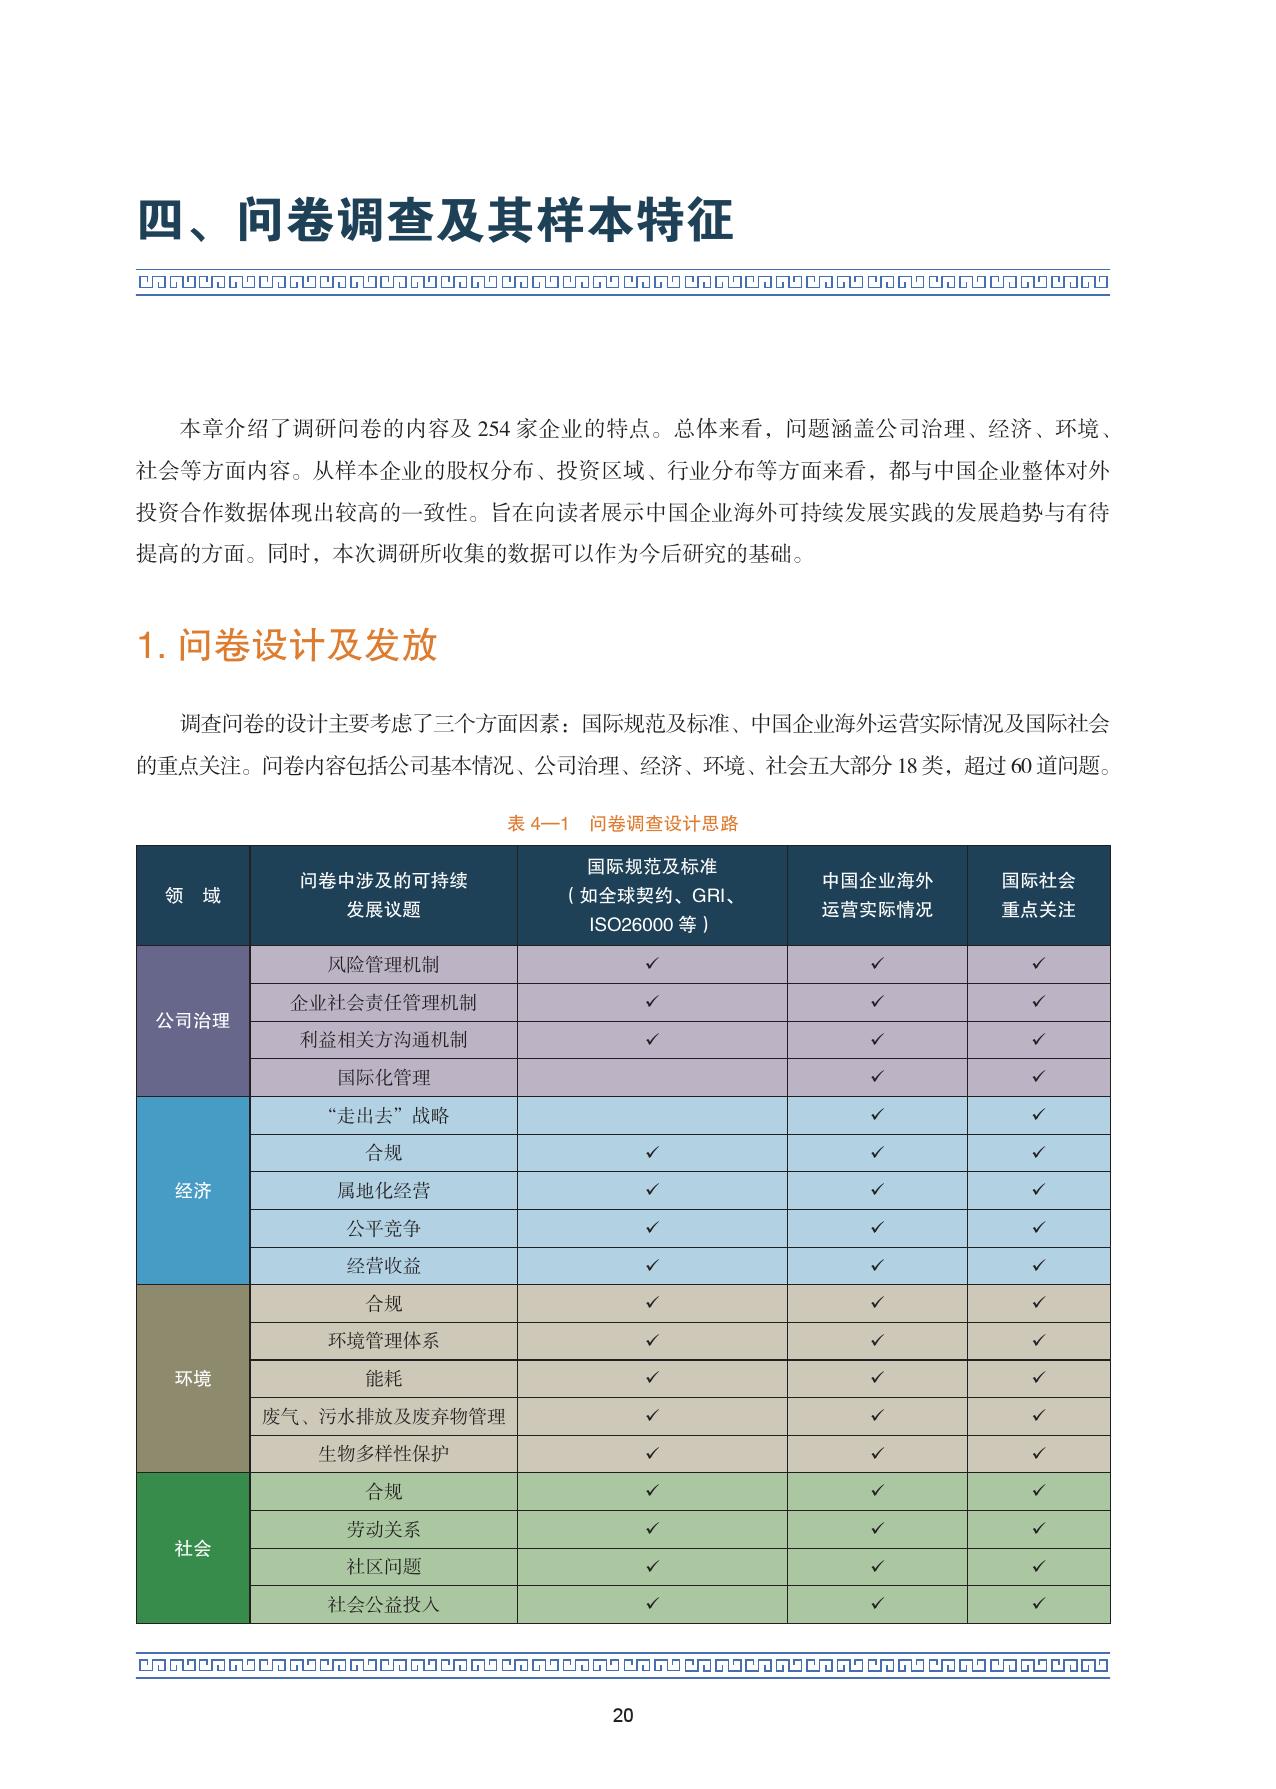 2015中国企业海外可持续发展报告_000034